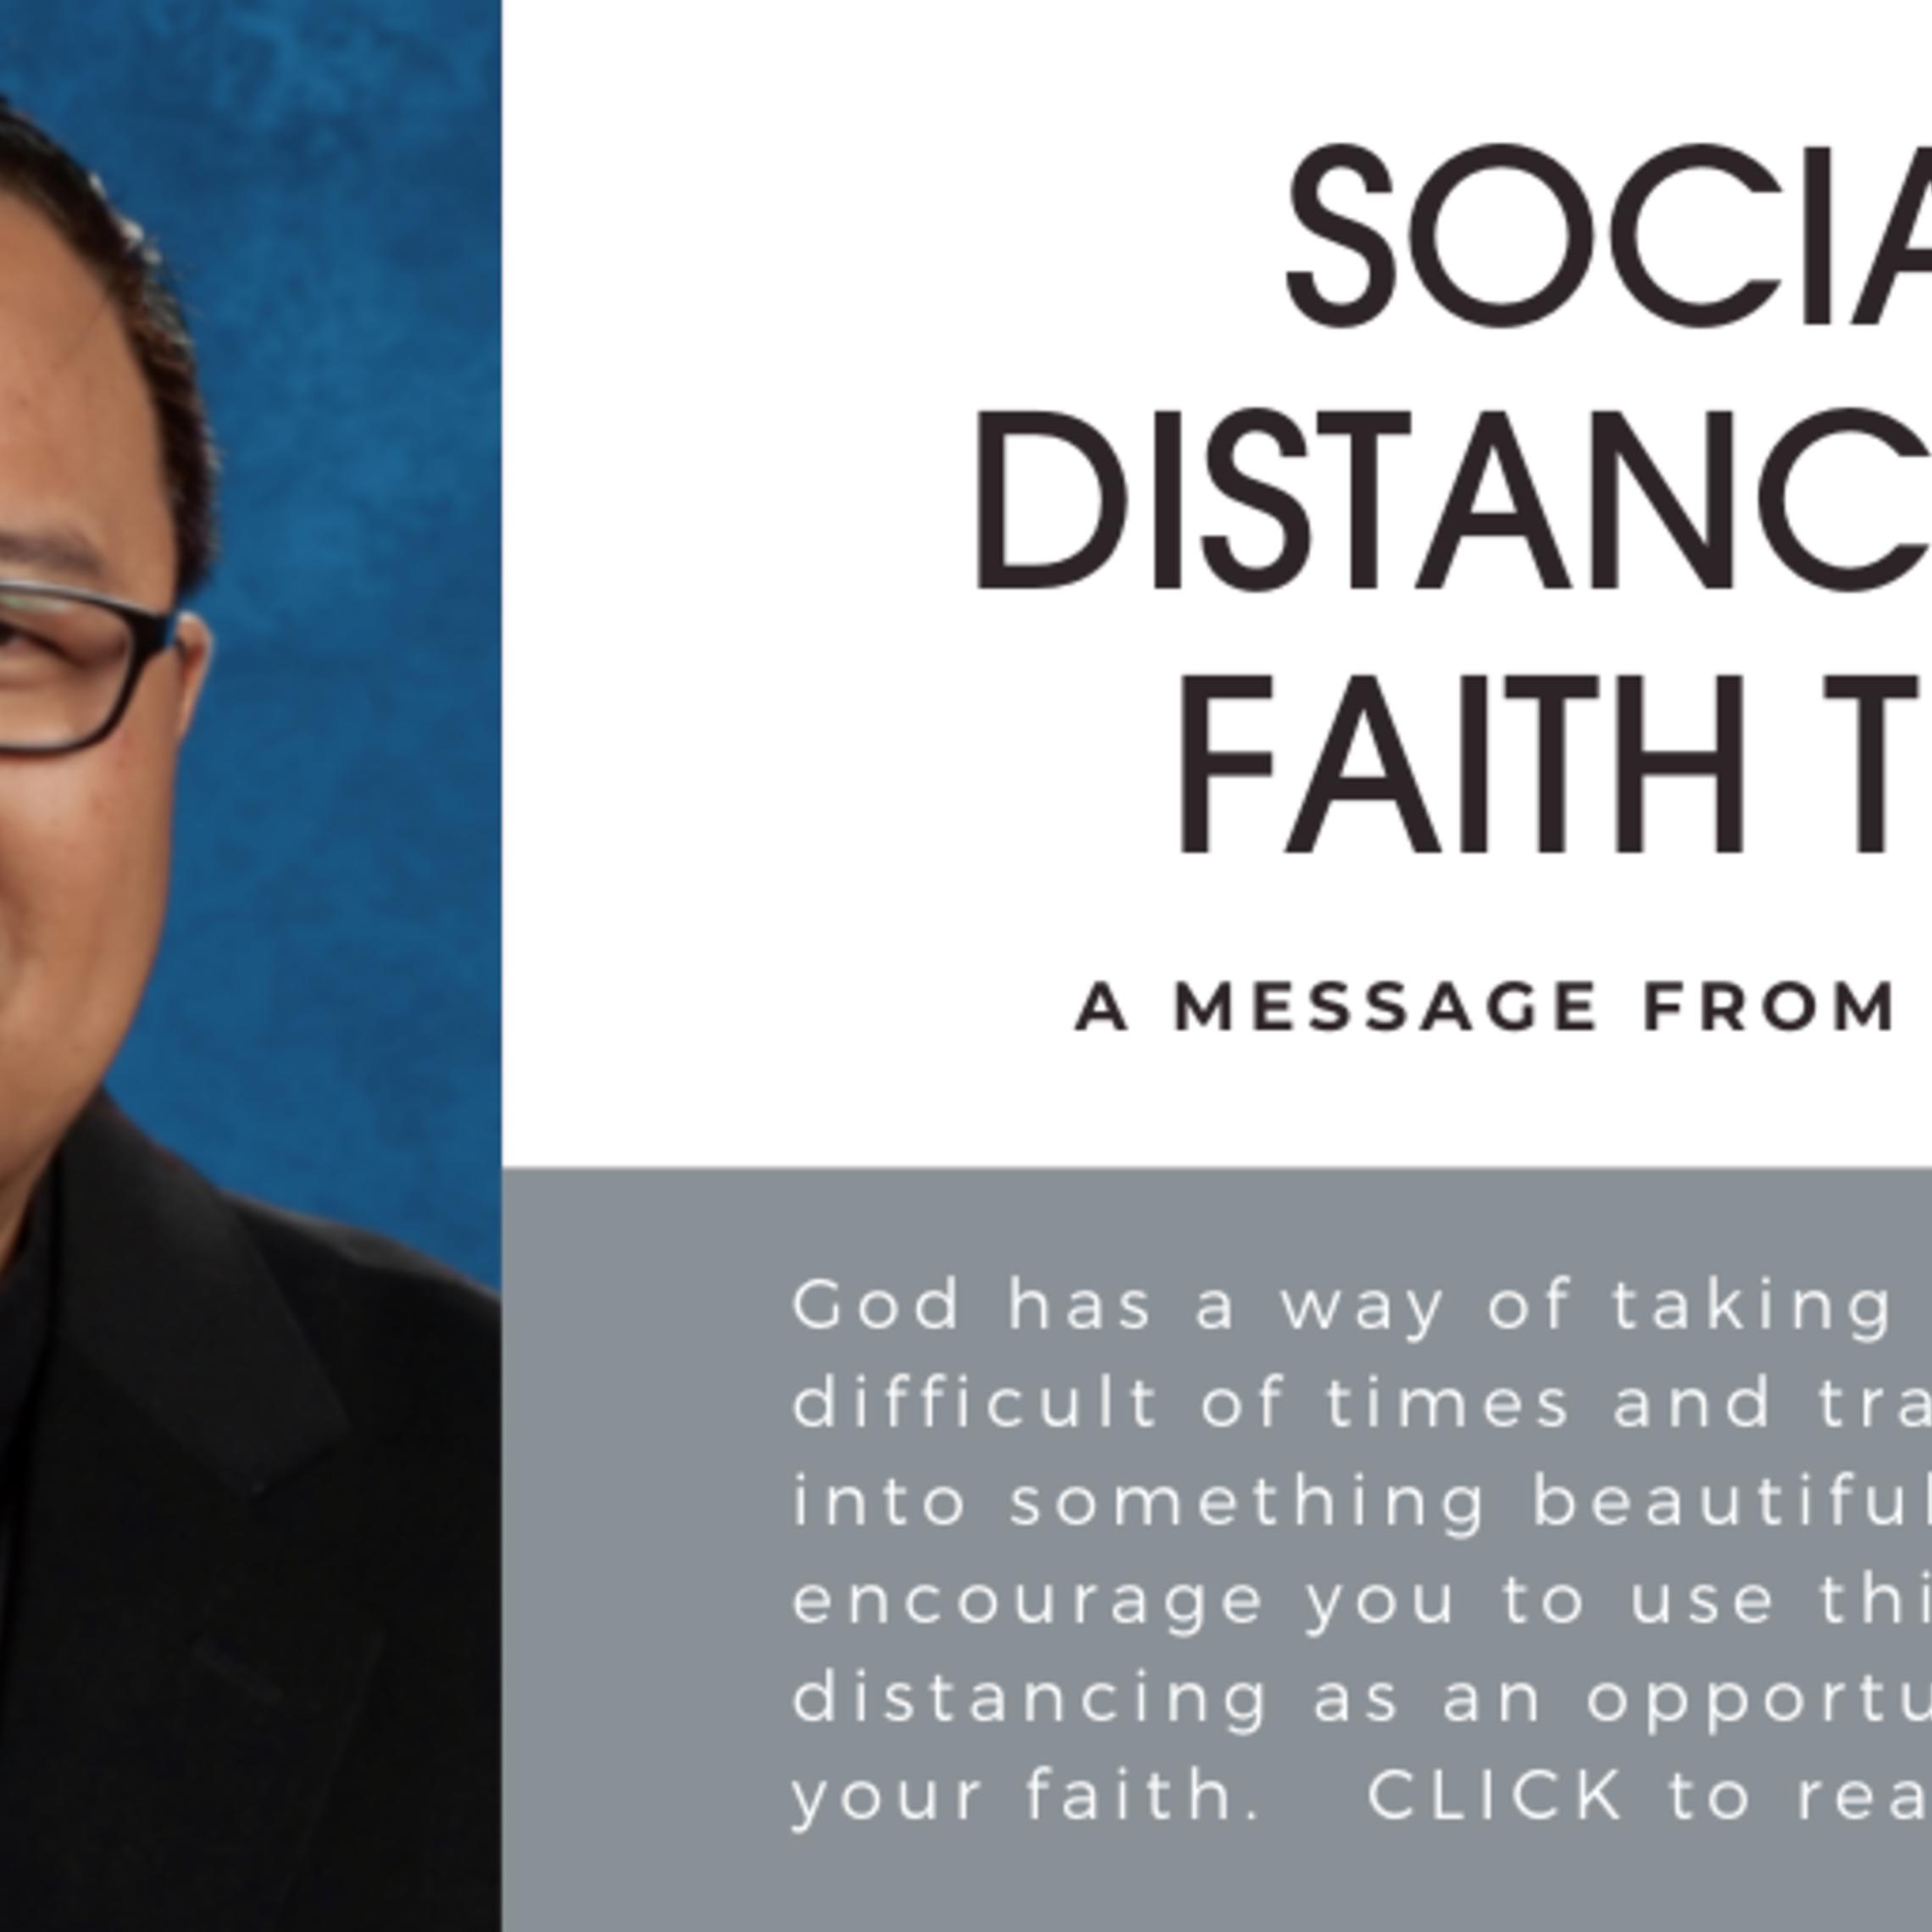 social distancing faith tips